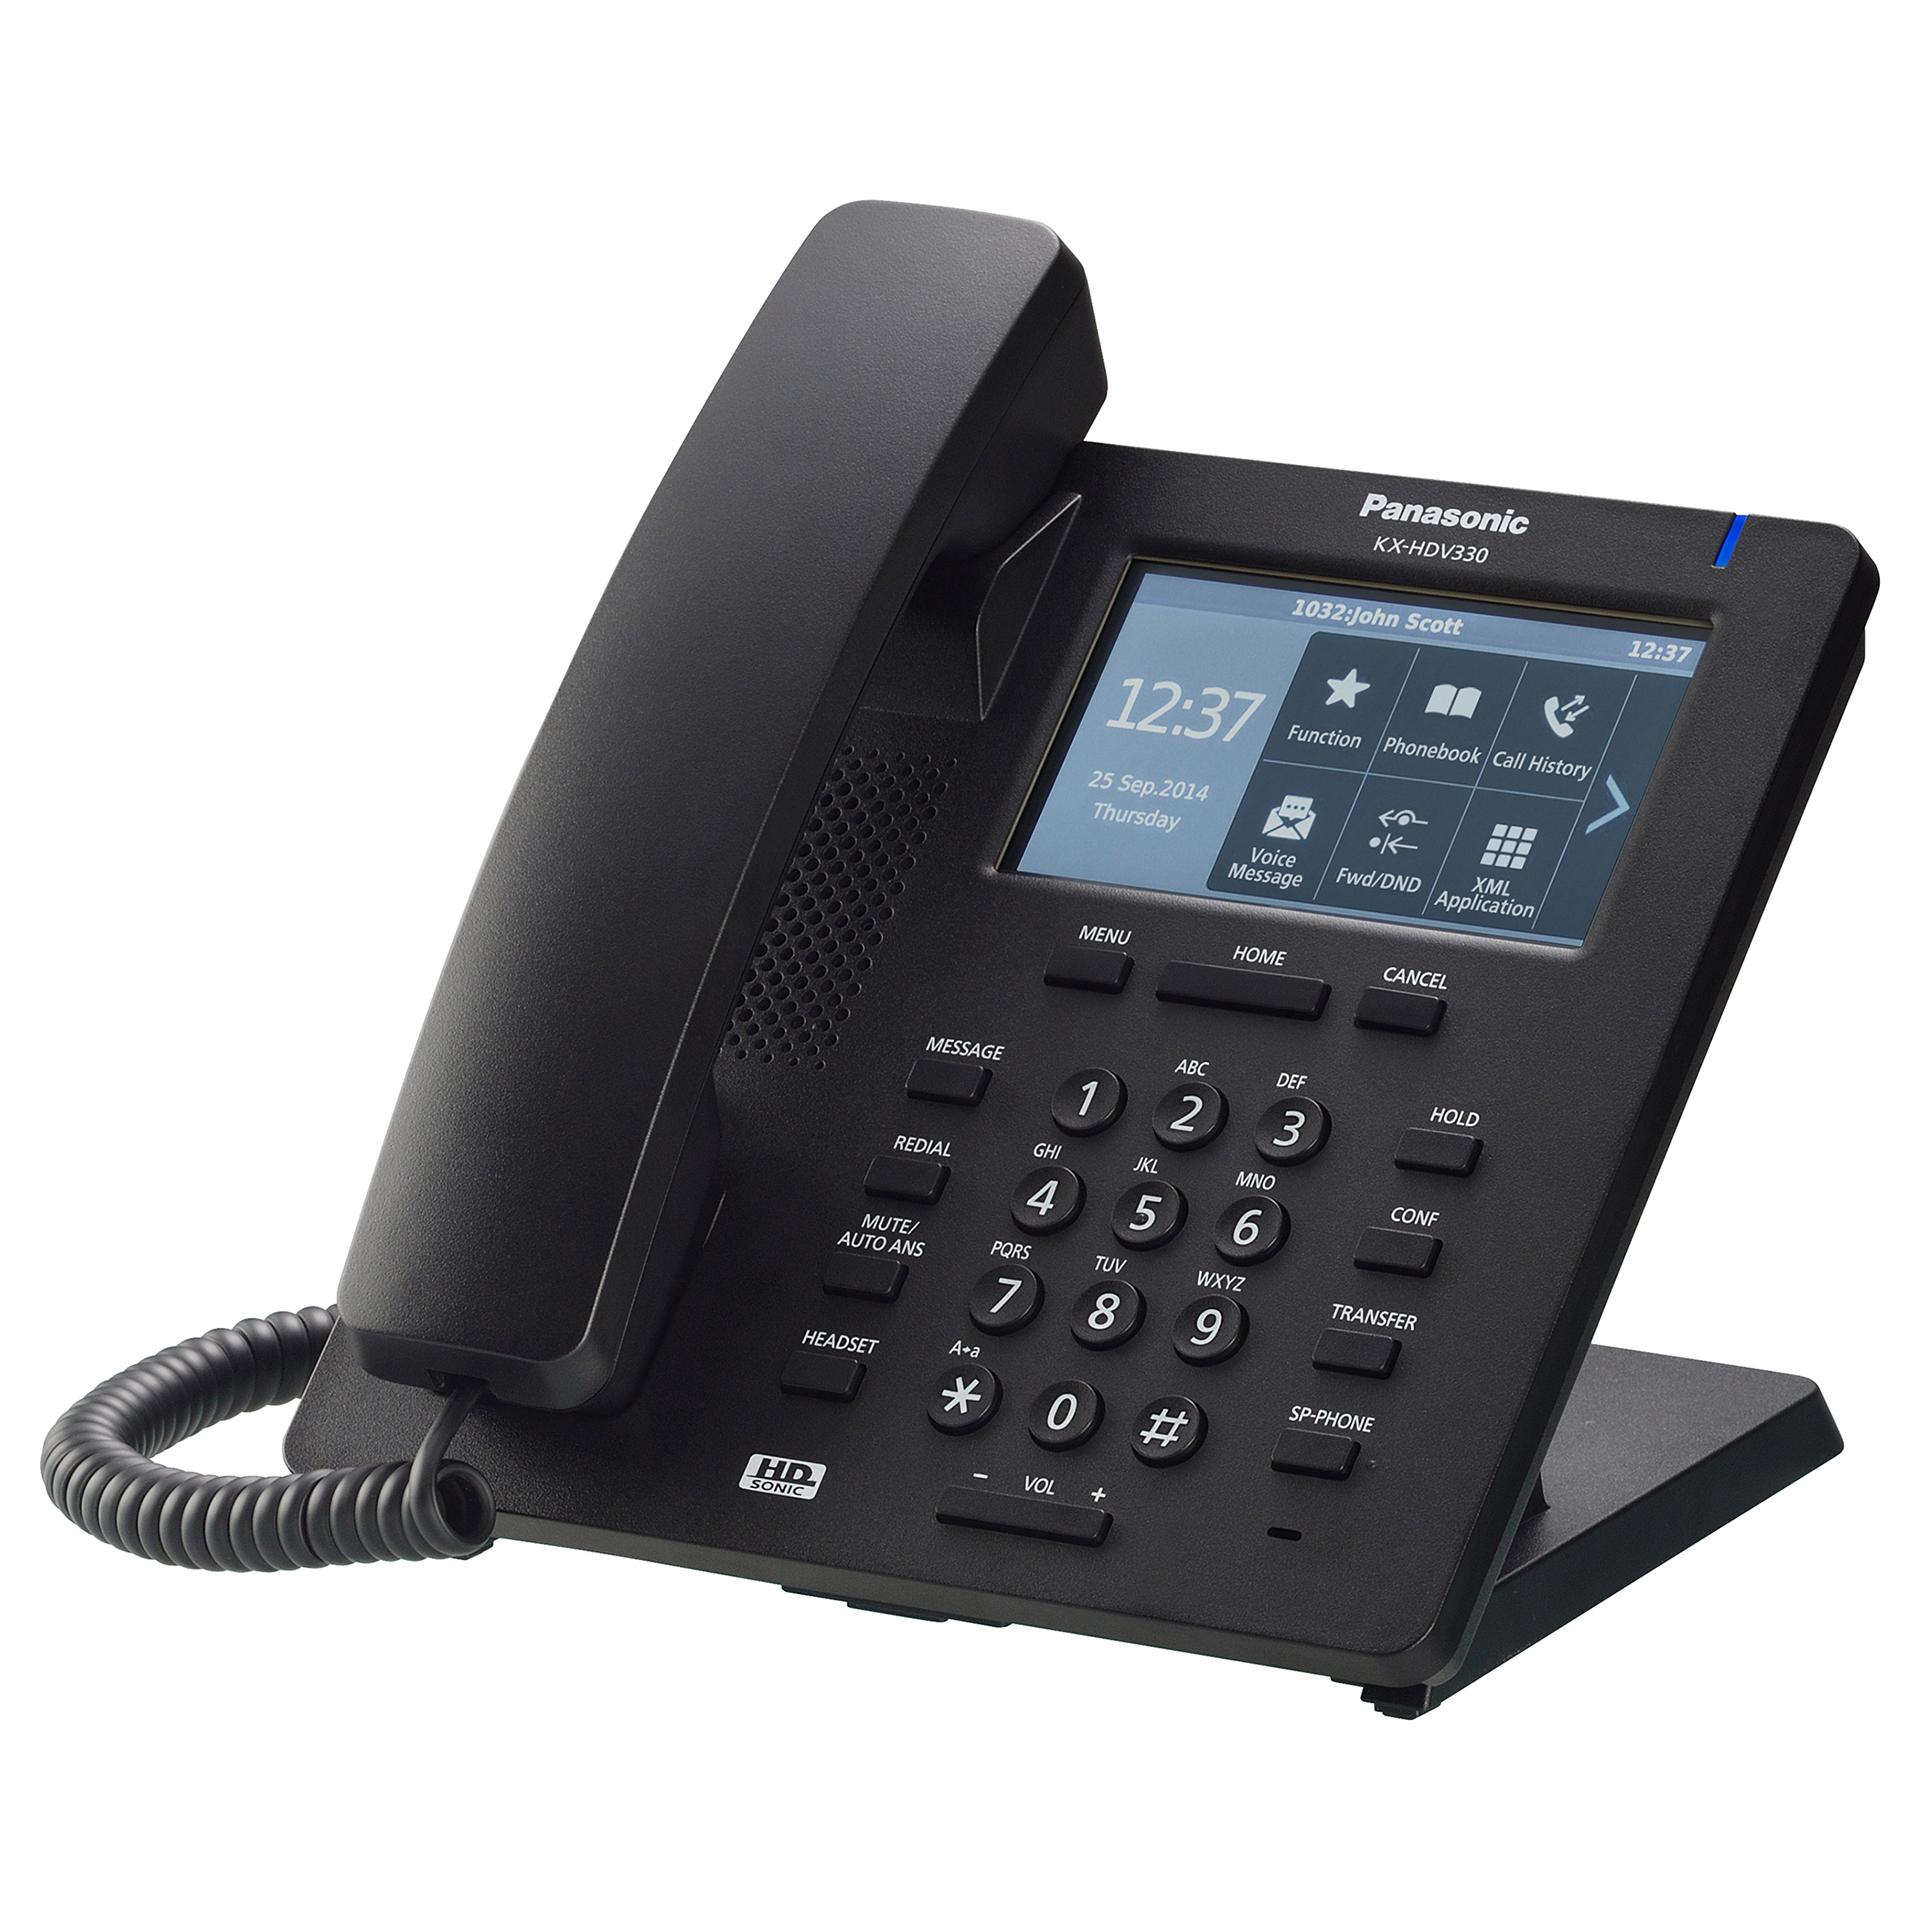 internetitelefon Panasonic KX-HDV330 (must)